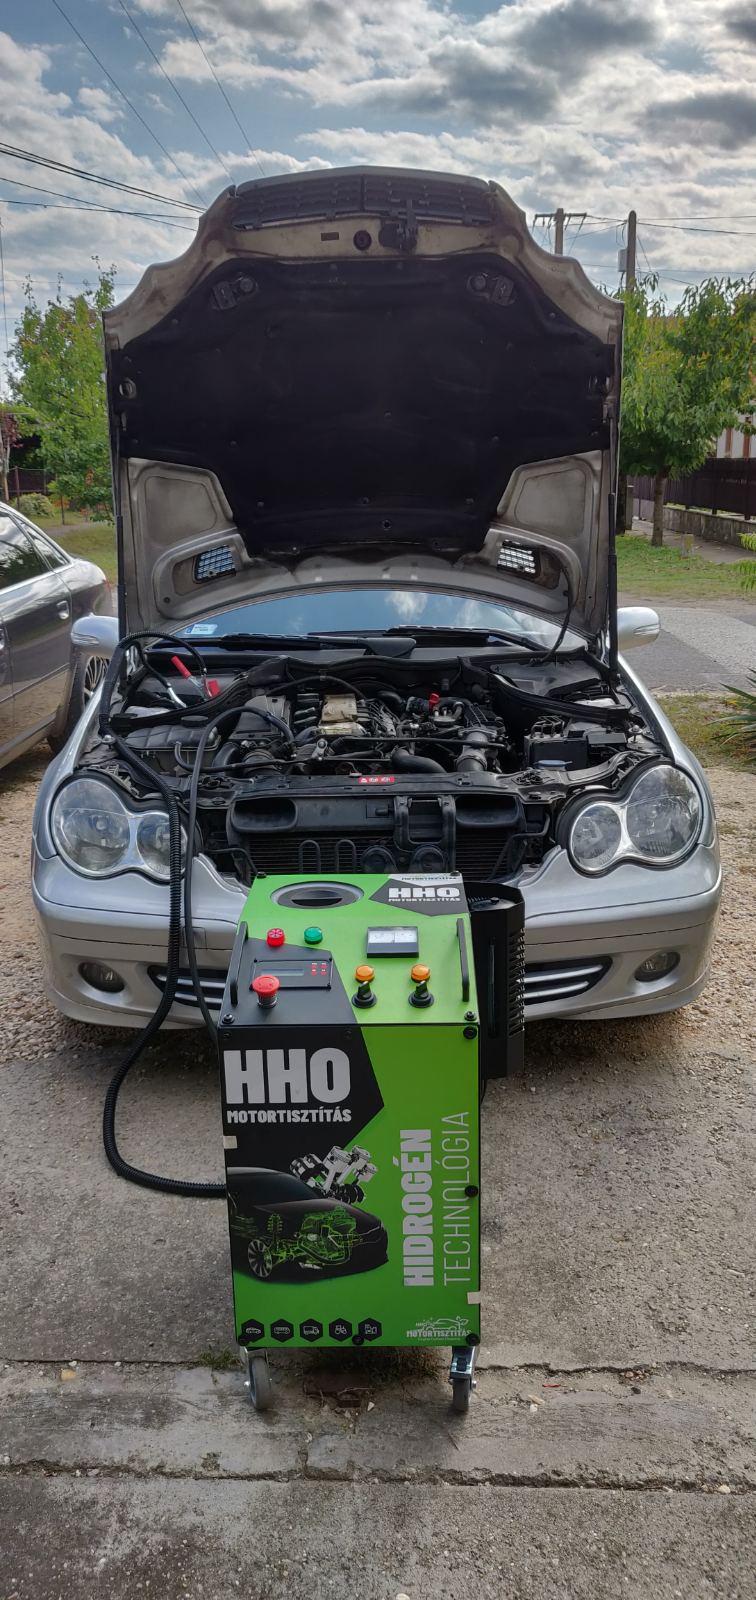 HHO Motortisztítás Mercedes C220 Cdi 150 Le Cegléd